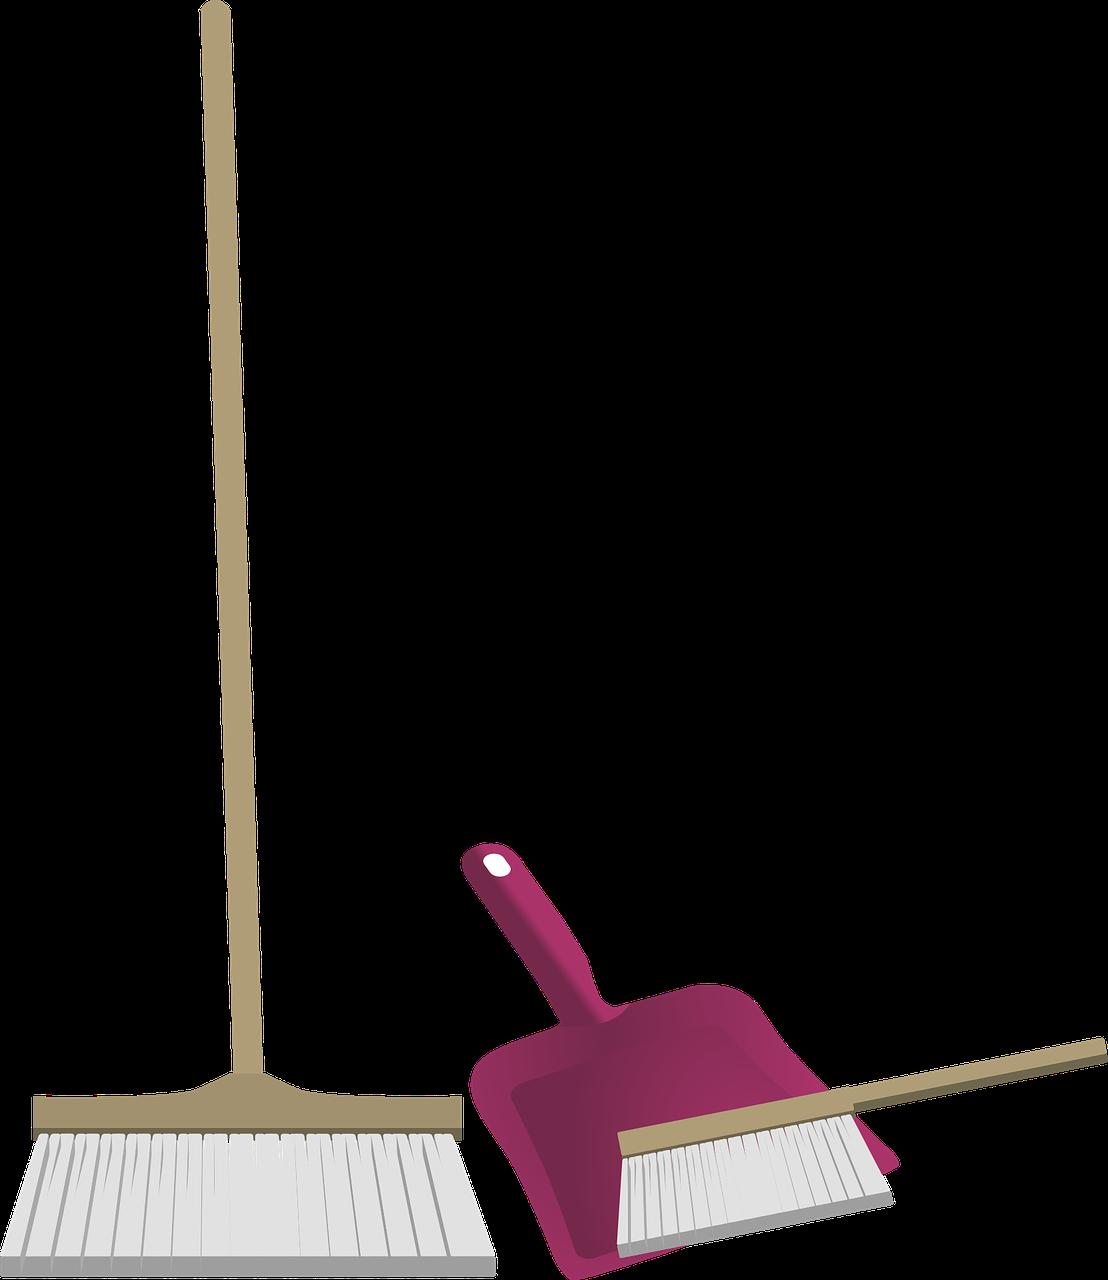 Zeichnung von Besen und Kehrblech